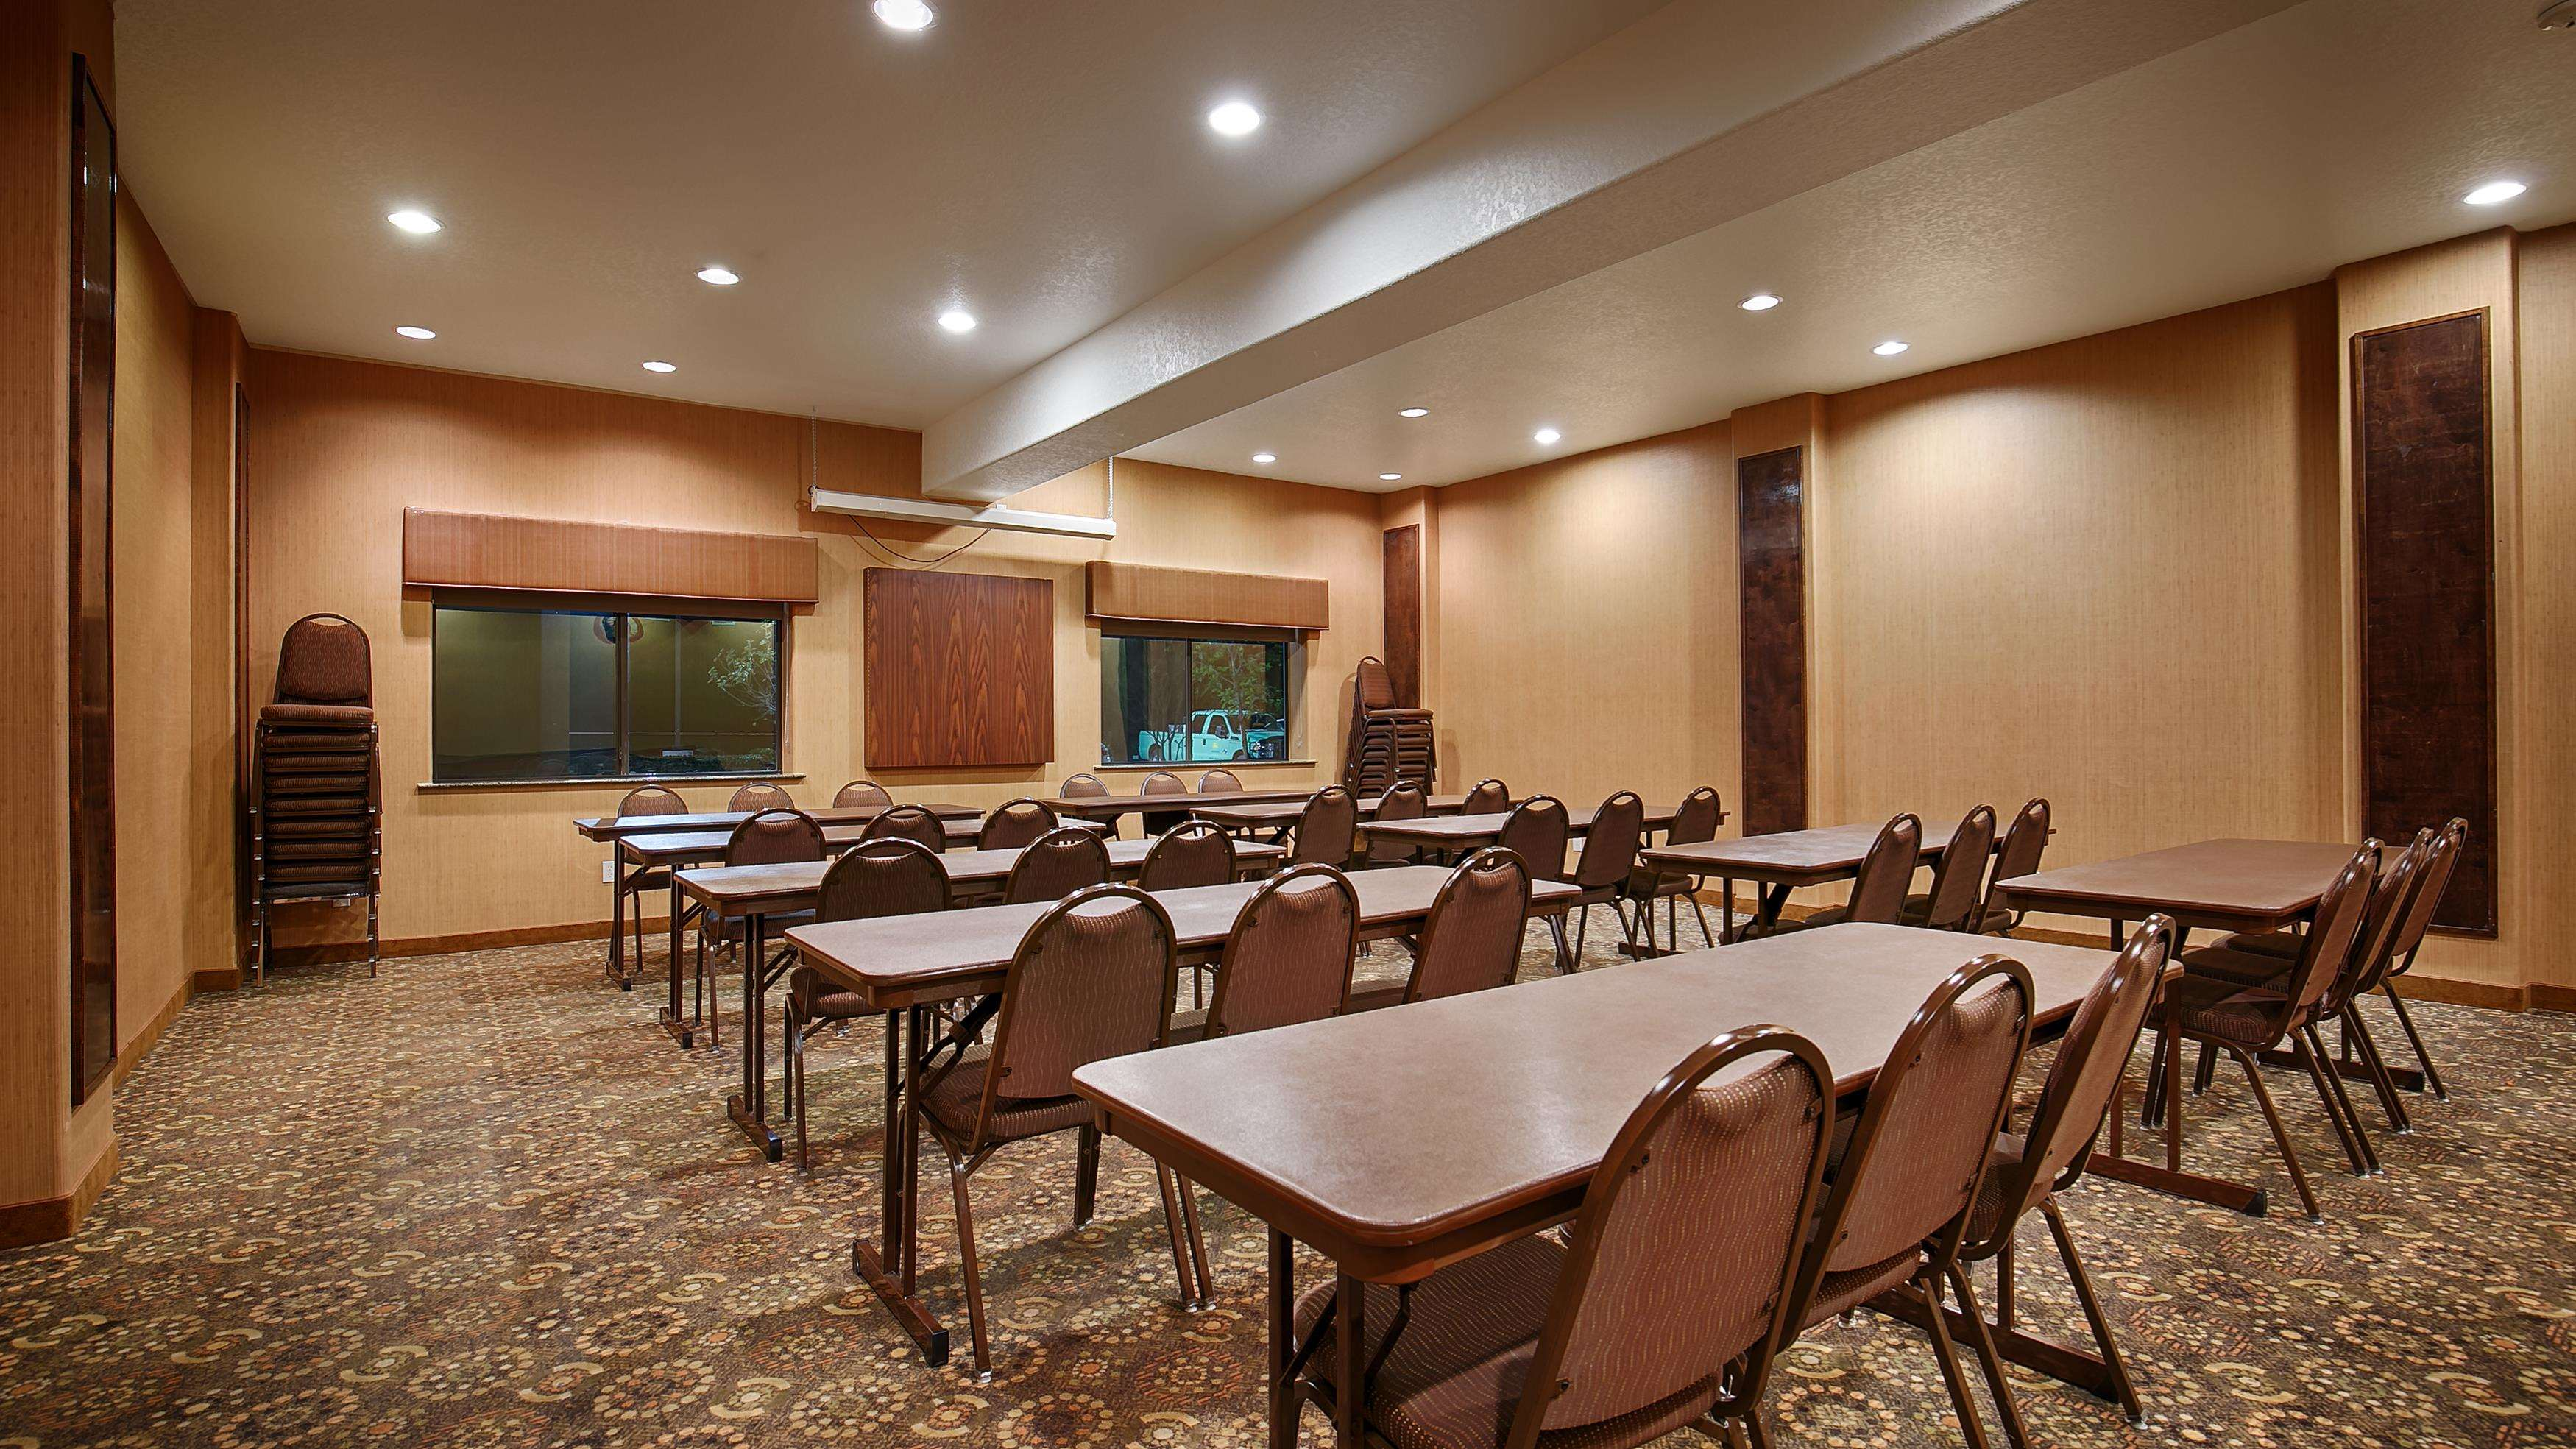 Best Western Plus Palo Alto Inn & Suites image 1